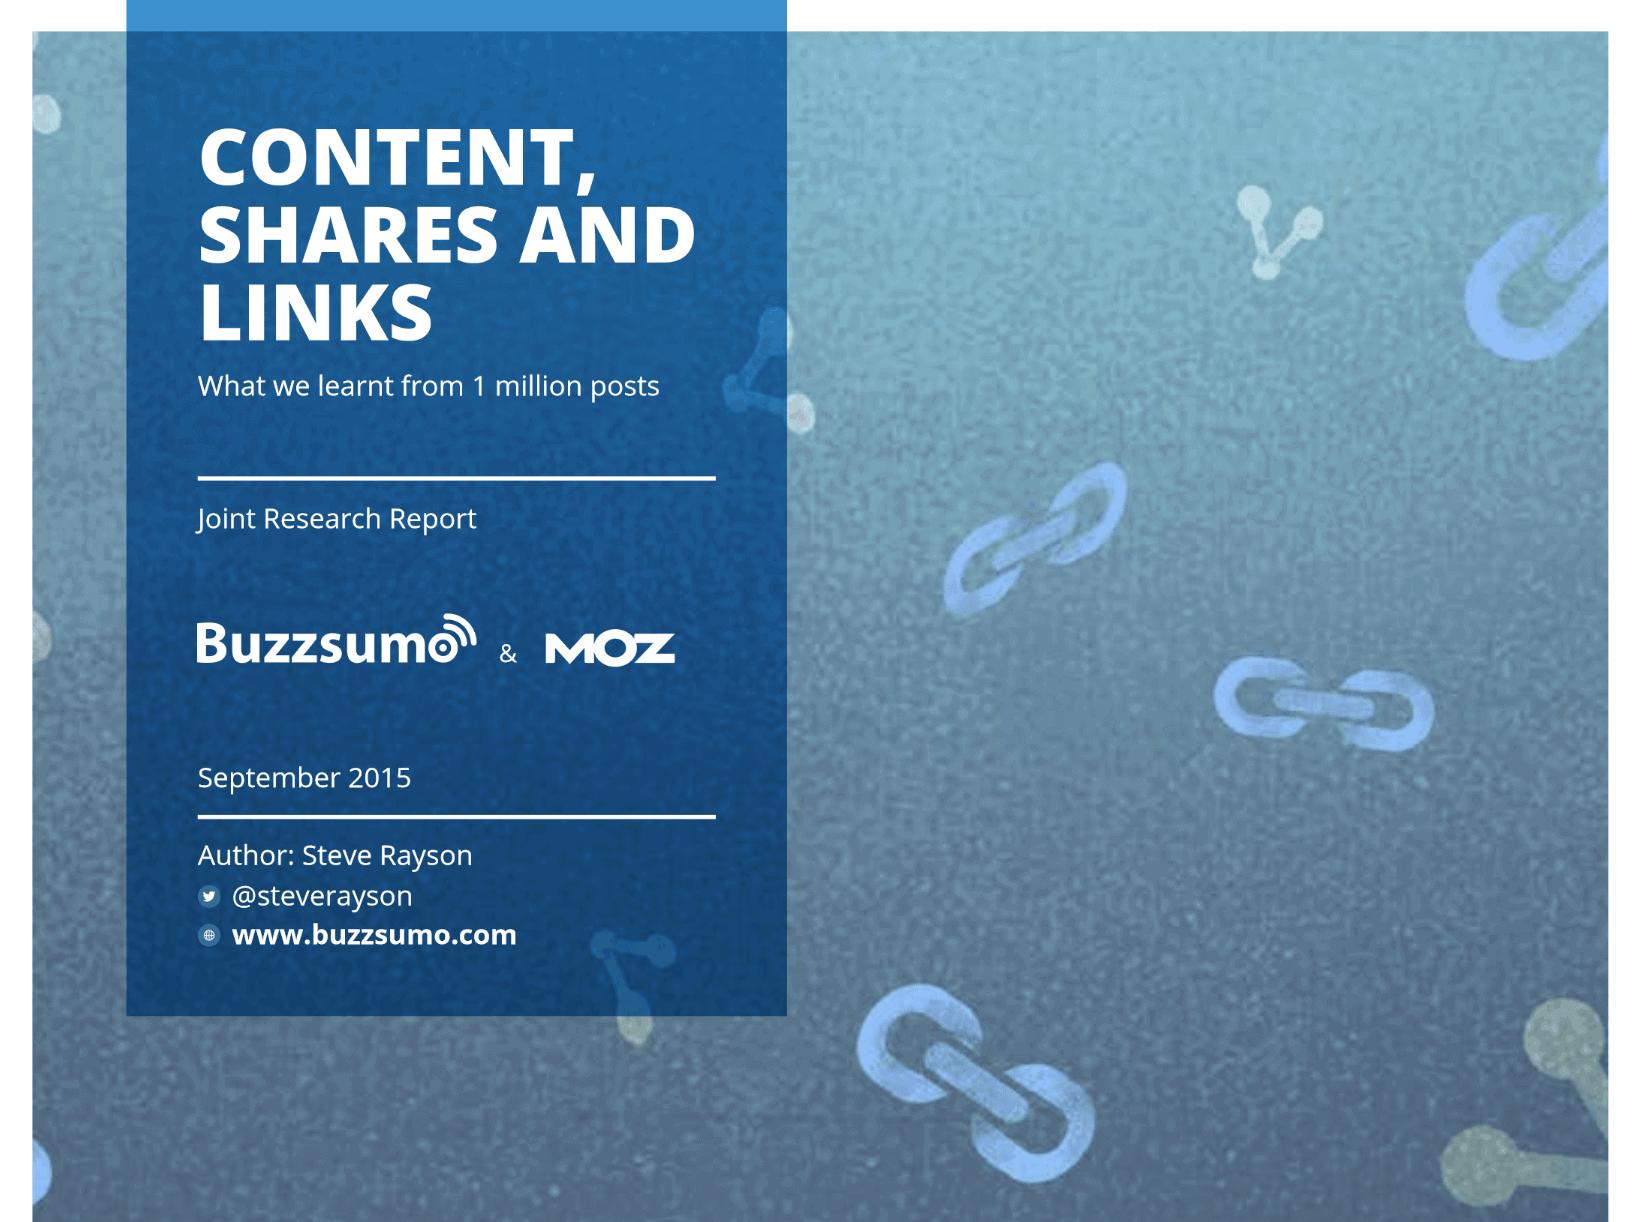 buzzsumo moz study